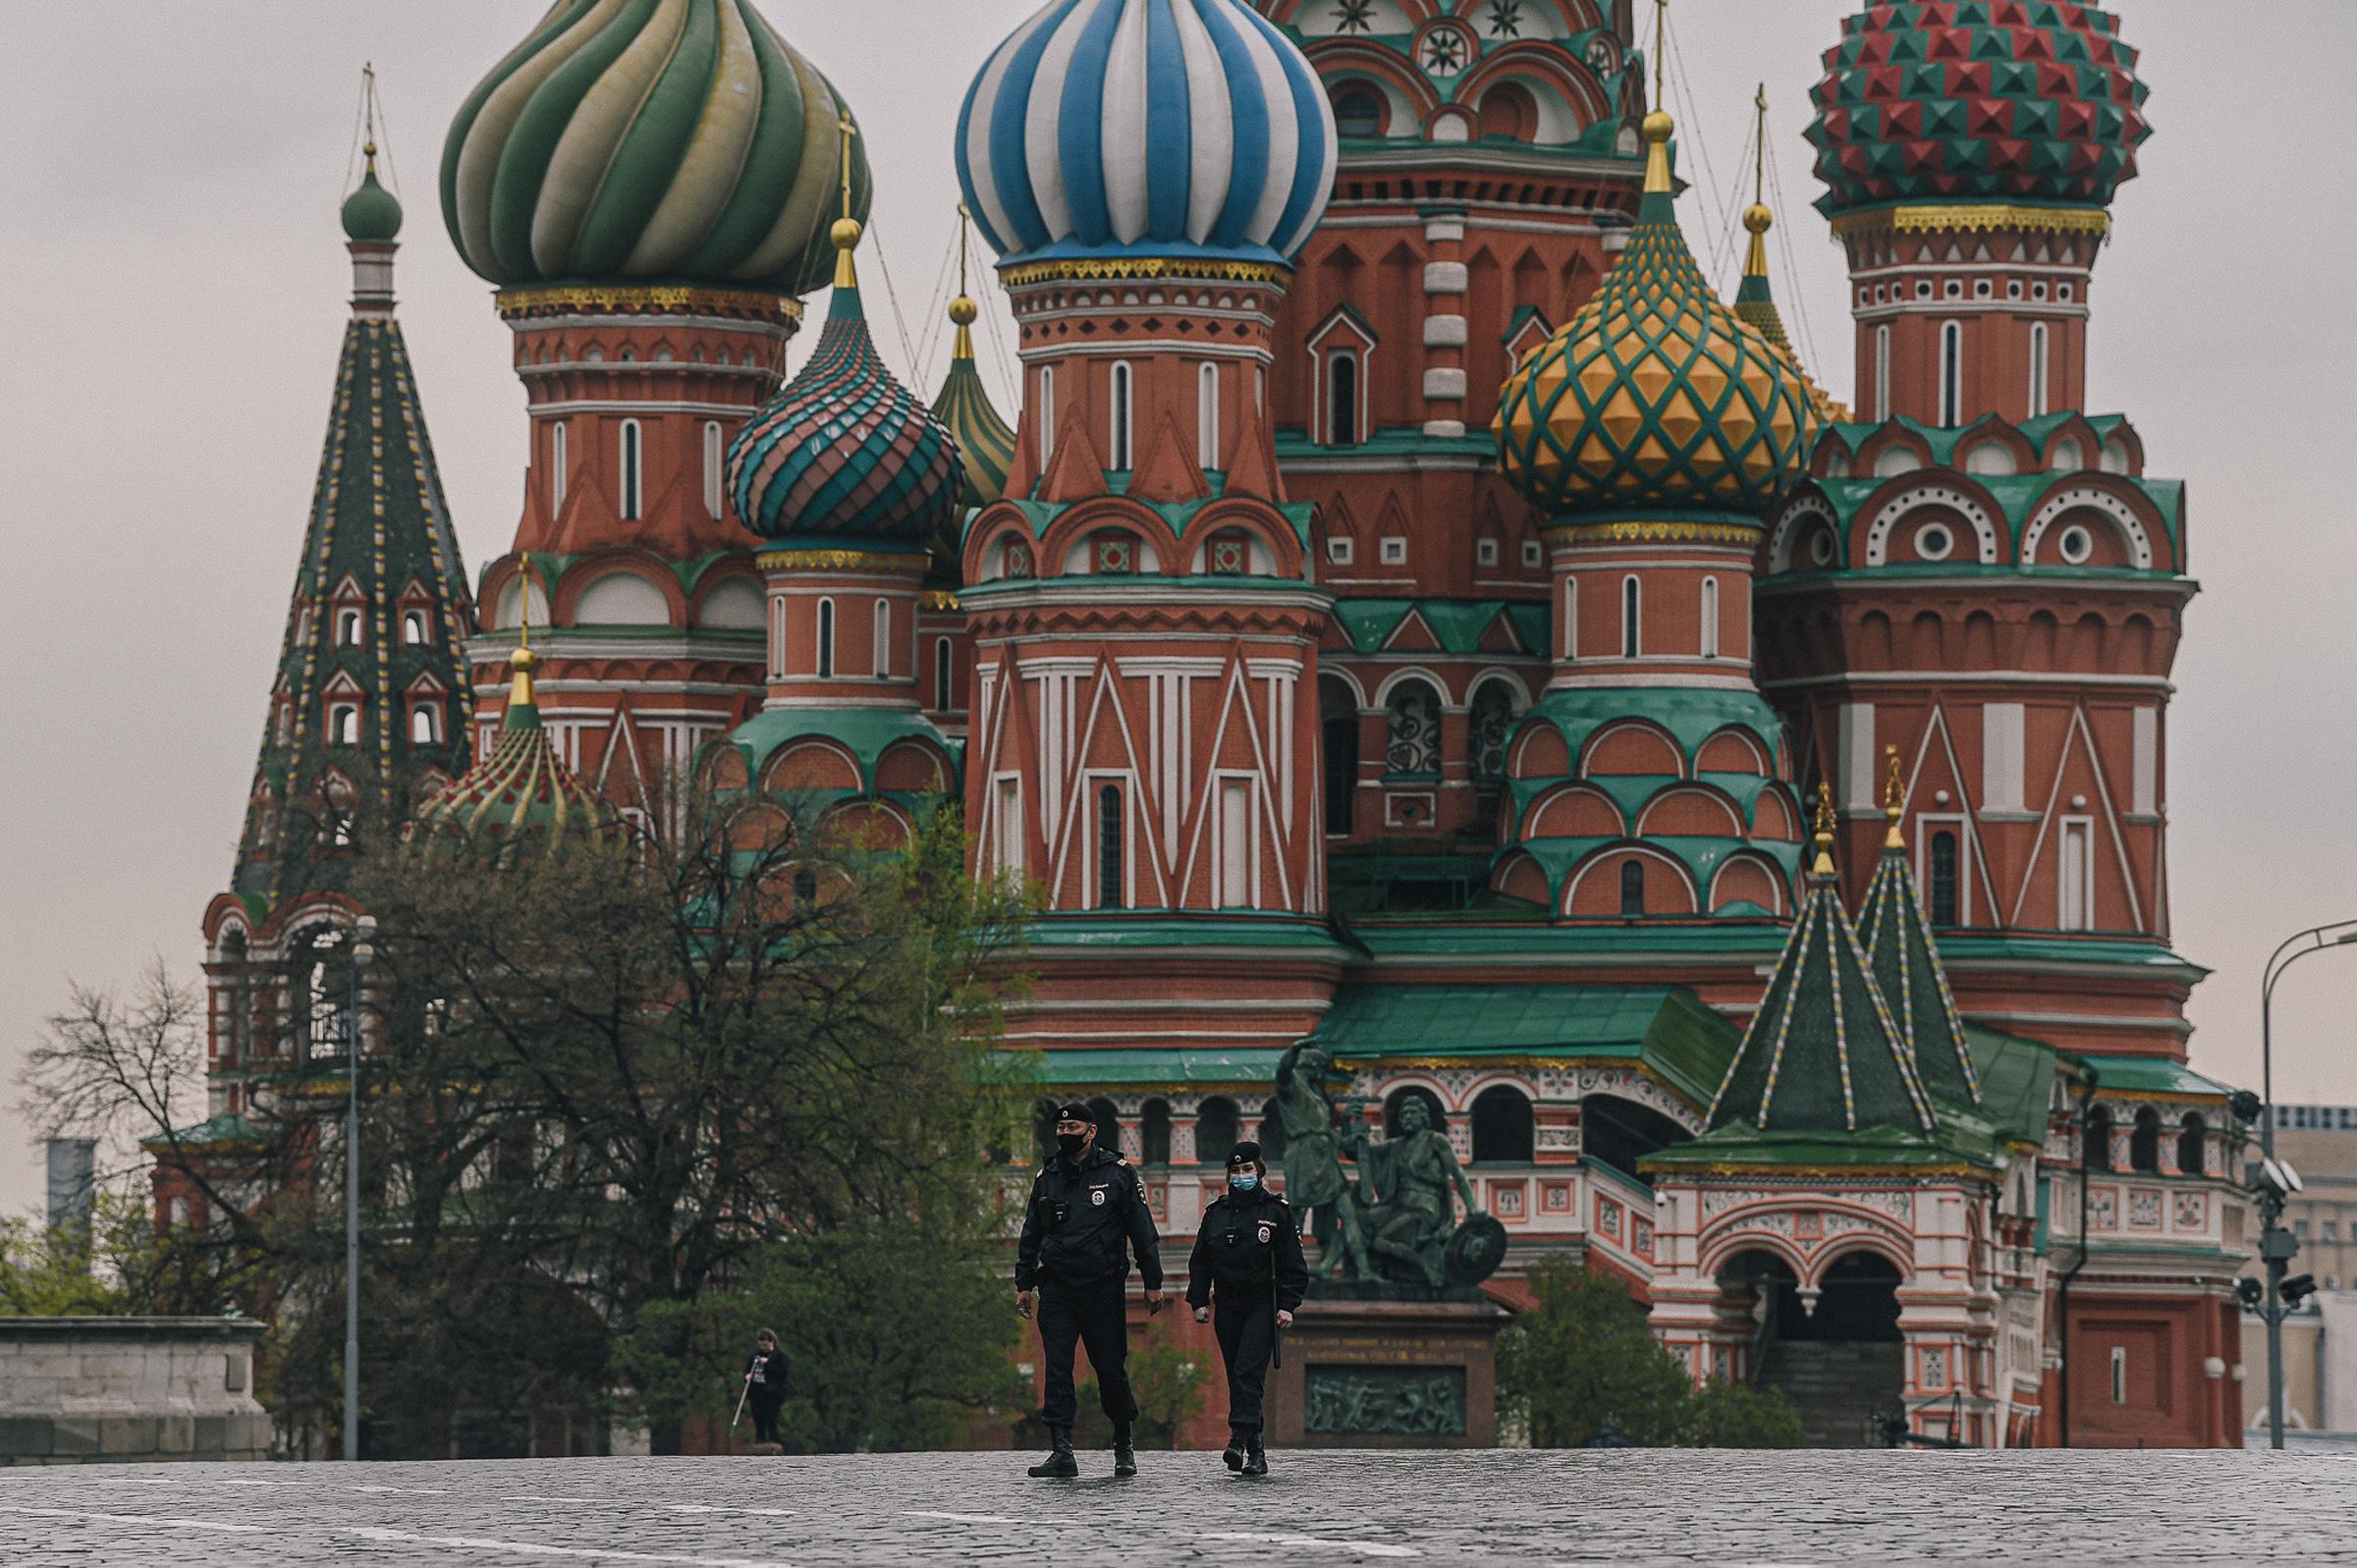 Rusia, segundo país con mayor cifra de contagios de COVID-19 en el mundo